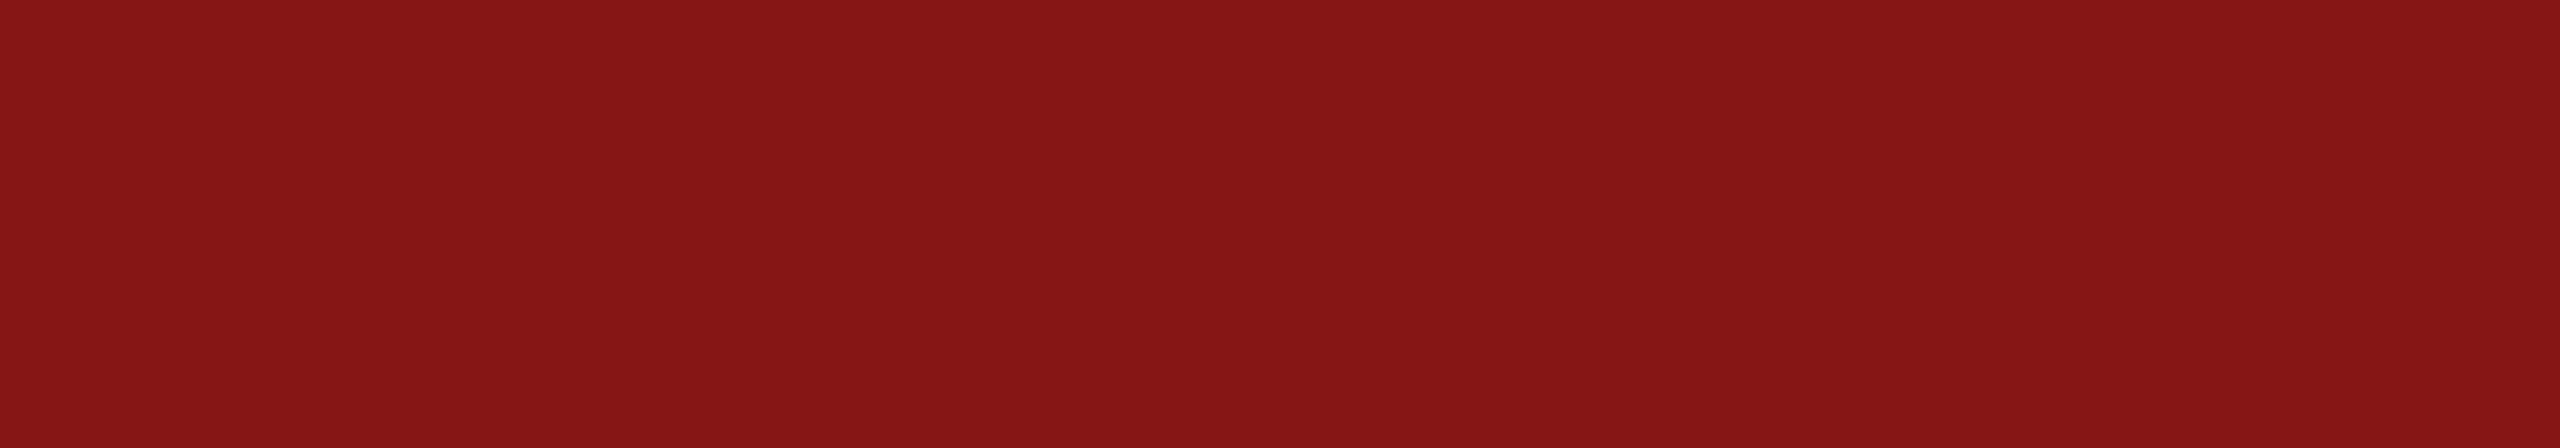 University of Oklahoma logo from website